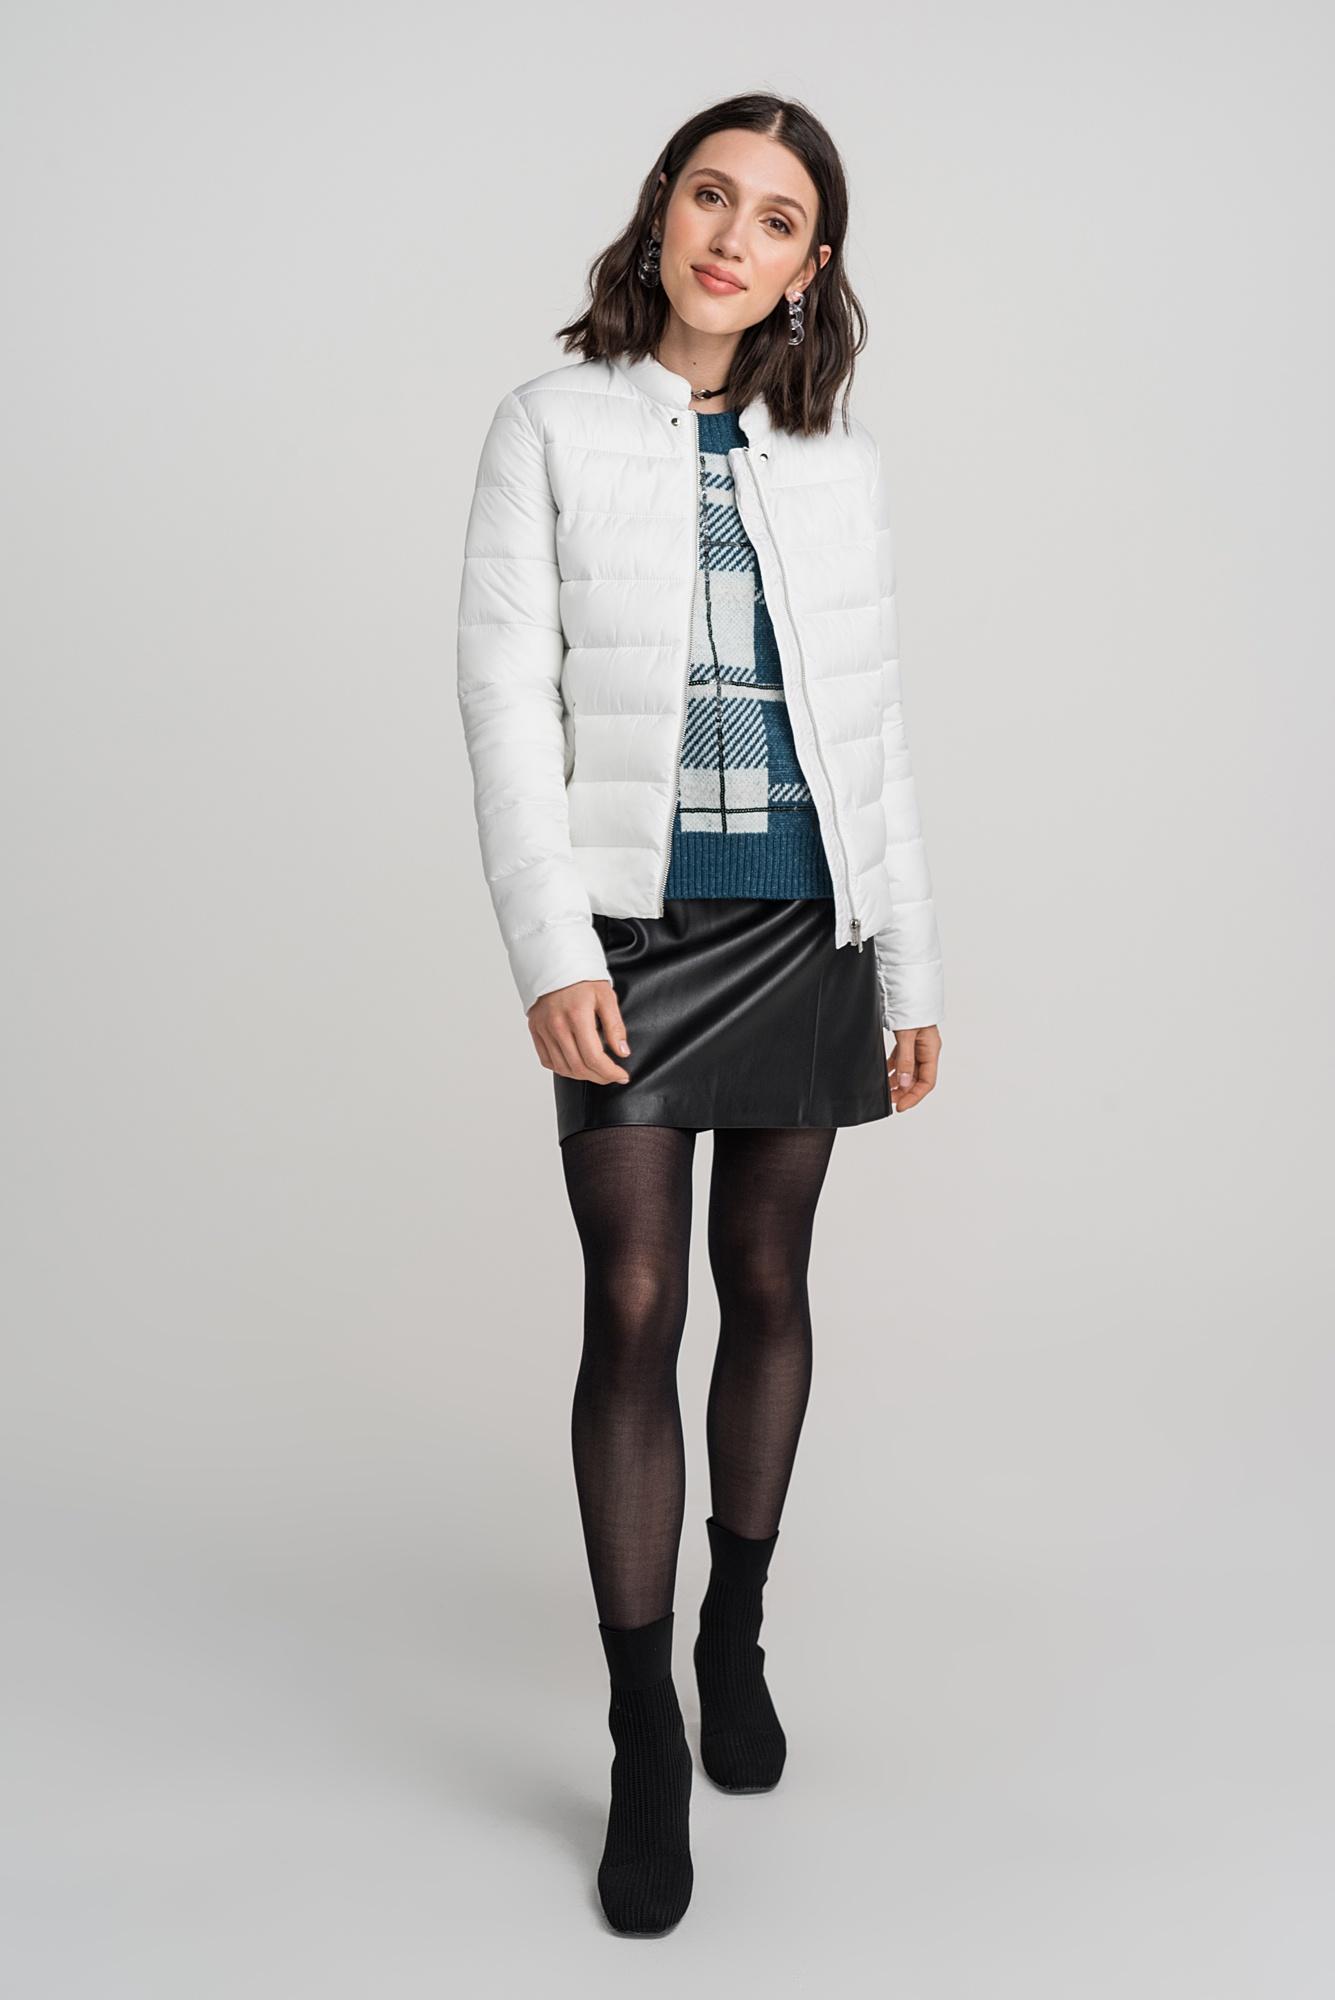 Куртка vivaheart корейский случайный свободный письмо печать футболка шея короткий рукав куртка женский vwtd174142 черный s